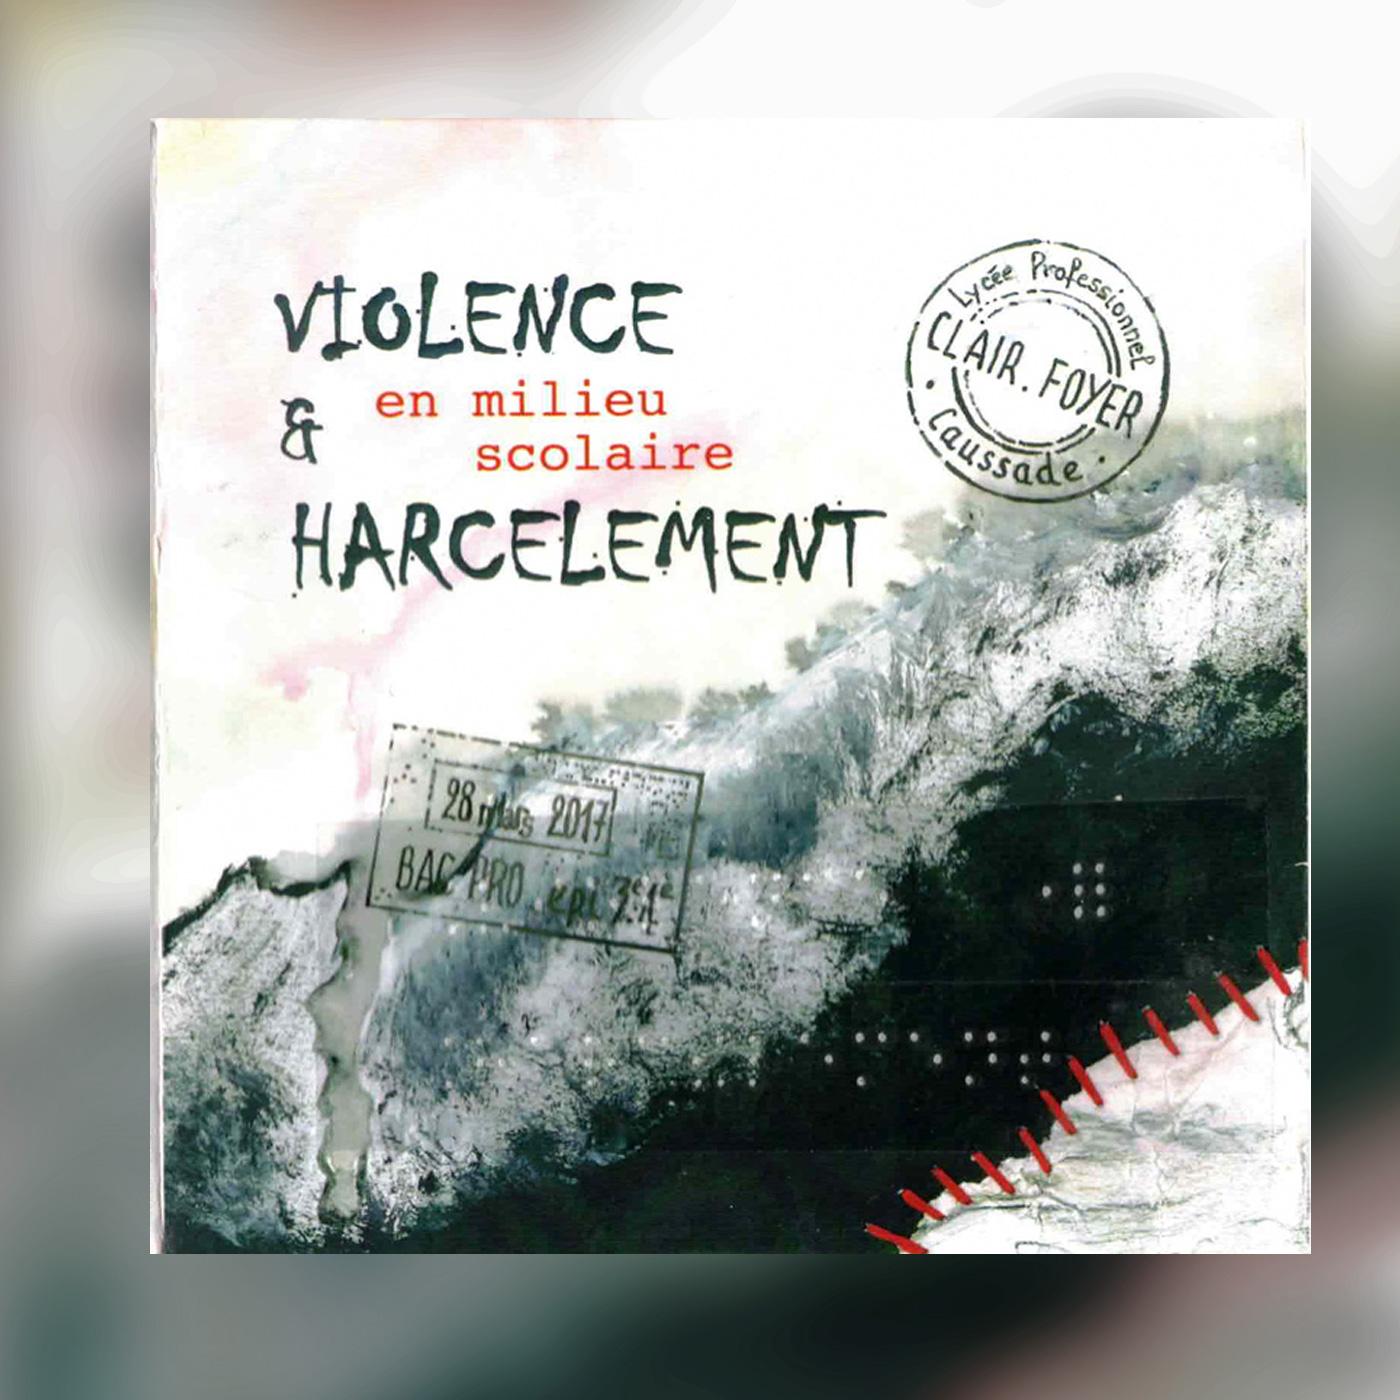 pochette du dvd Violence et harcèlement en milieu scolaire réalisé pa les élèves du clair foyer de caussade